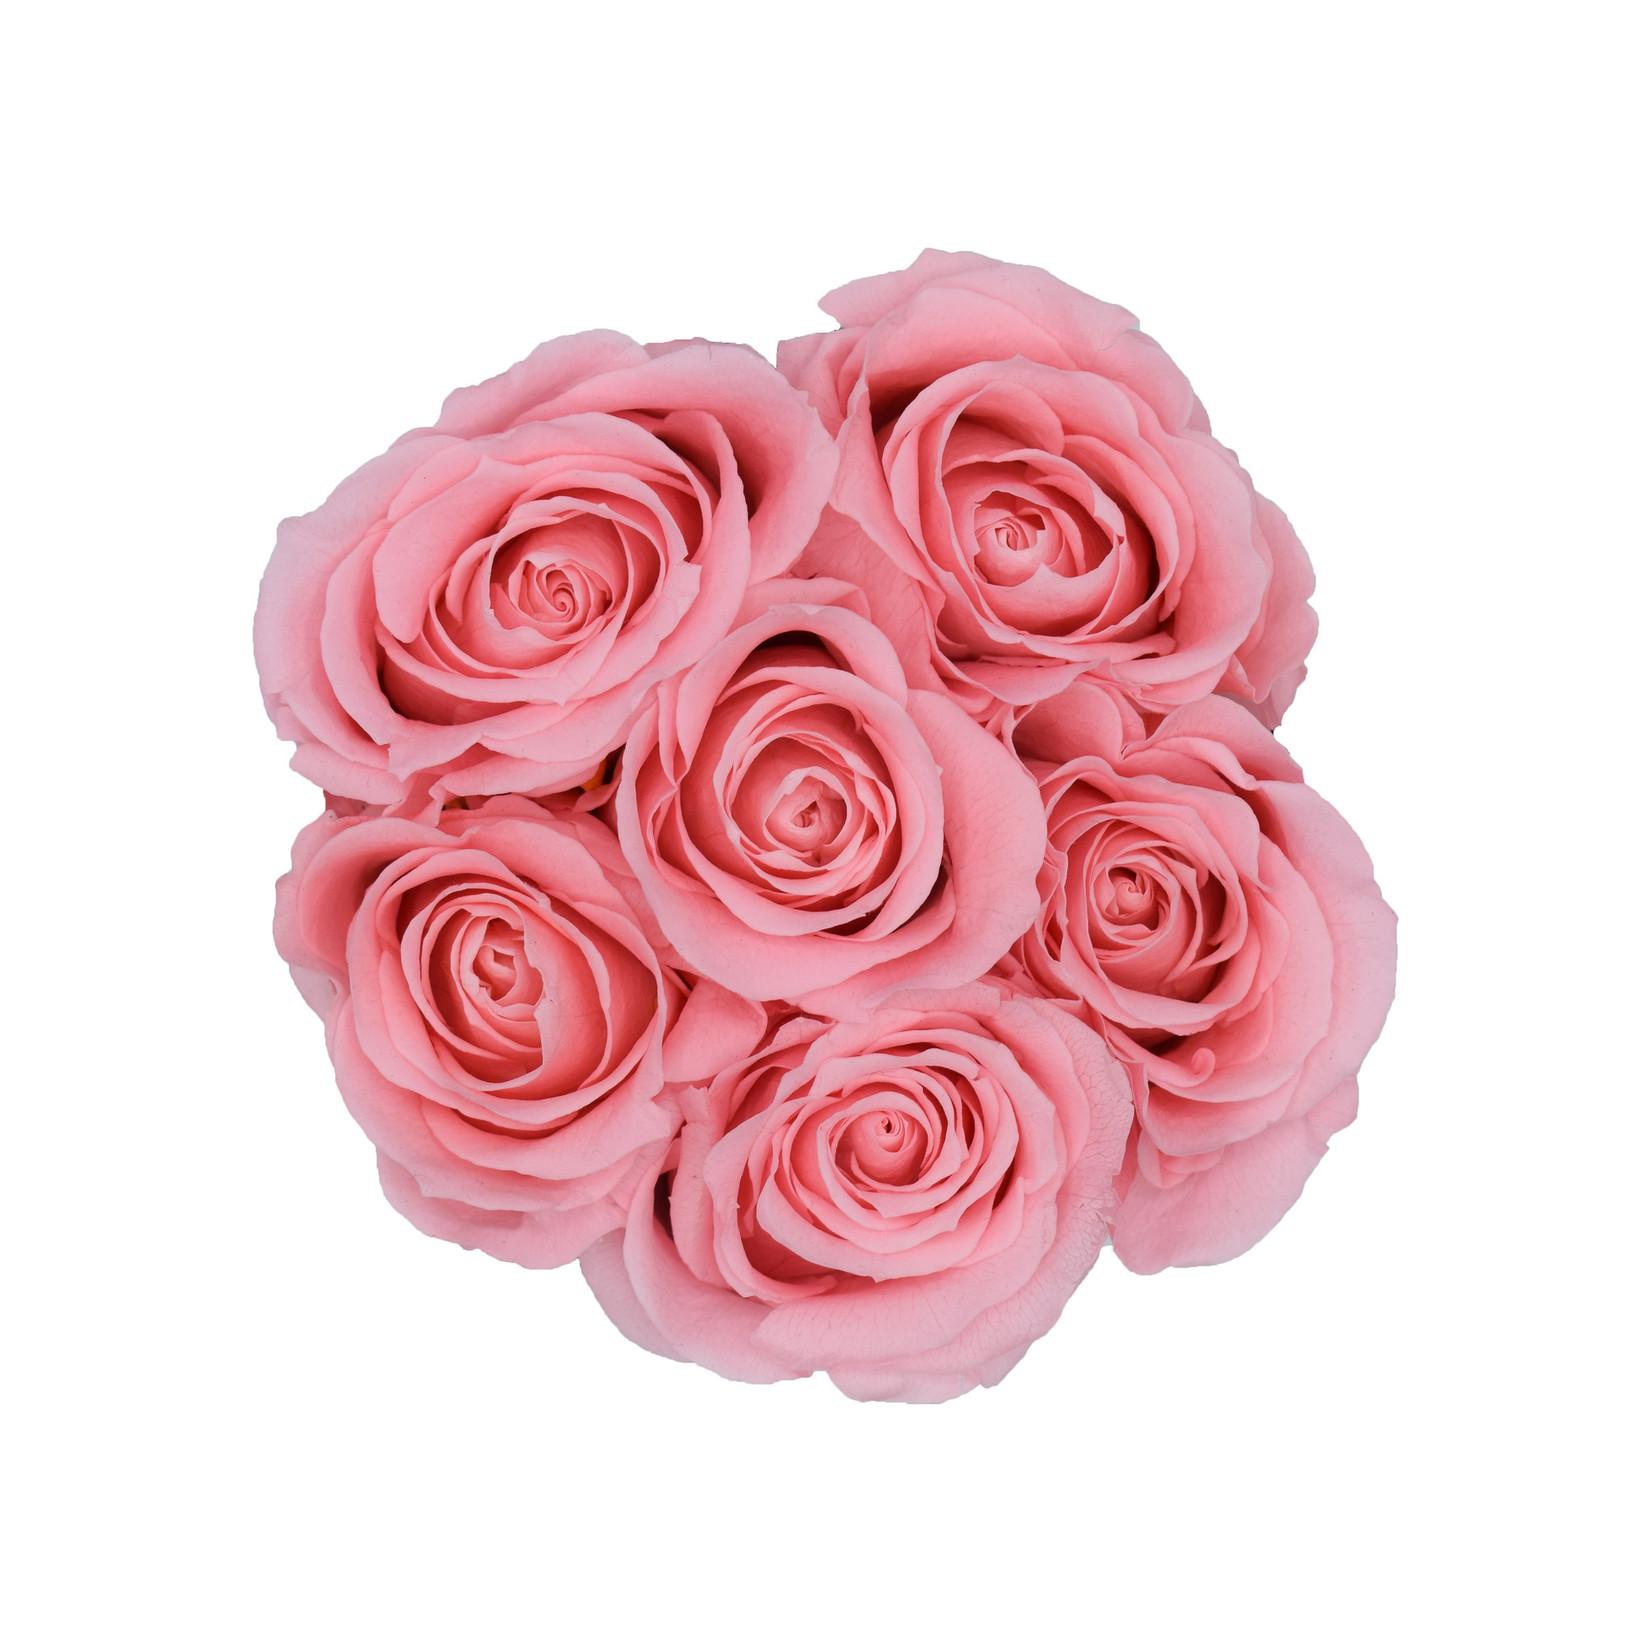 Mini - Pink Endless Roses - Black Box